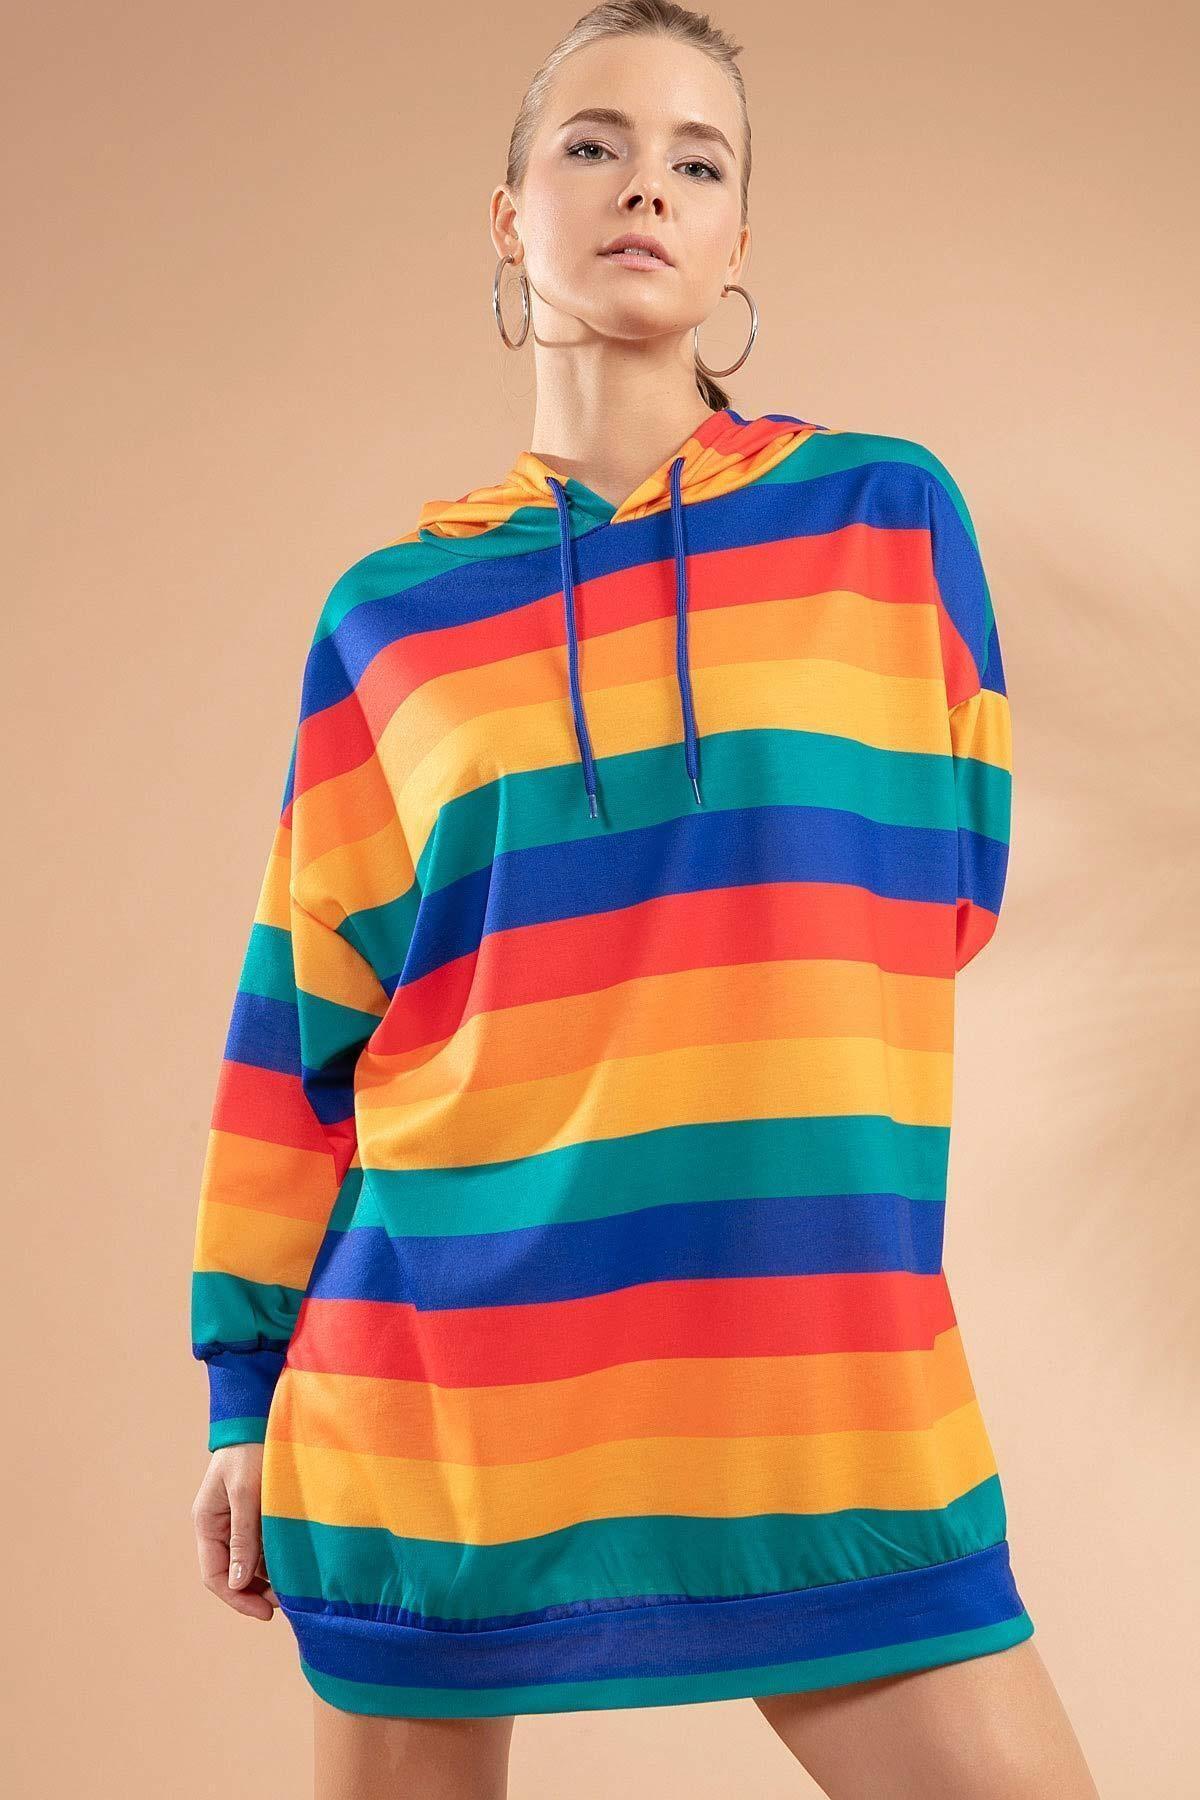 Pattaya Kadın Renk Bloklu Kapşonlu Sweatshirt Elbise Y20w110-4125-10 2